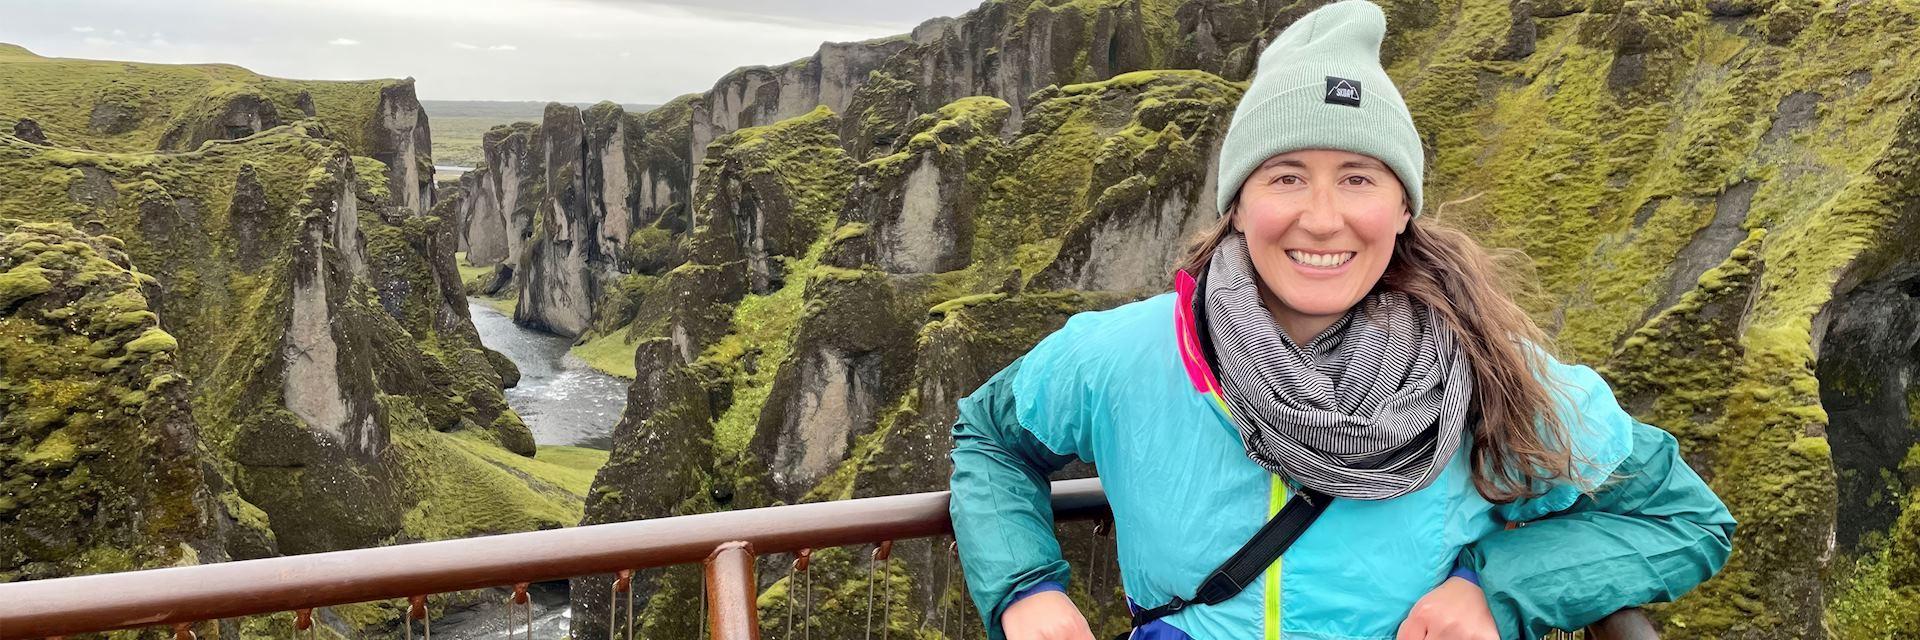 Brittany at Fjaðrárgljúfur, Iceland